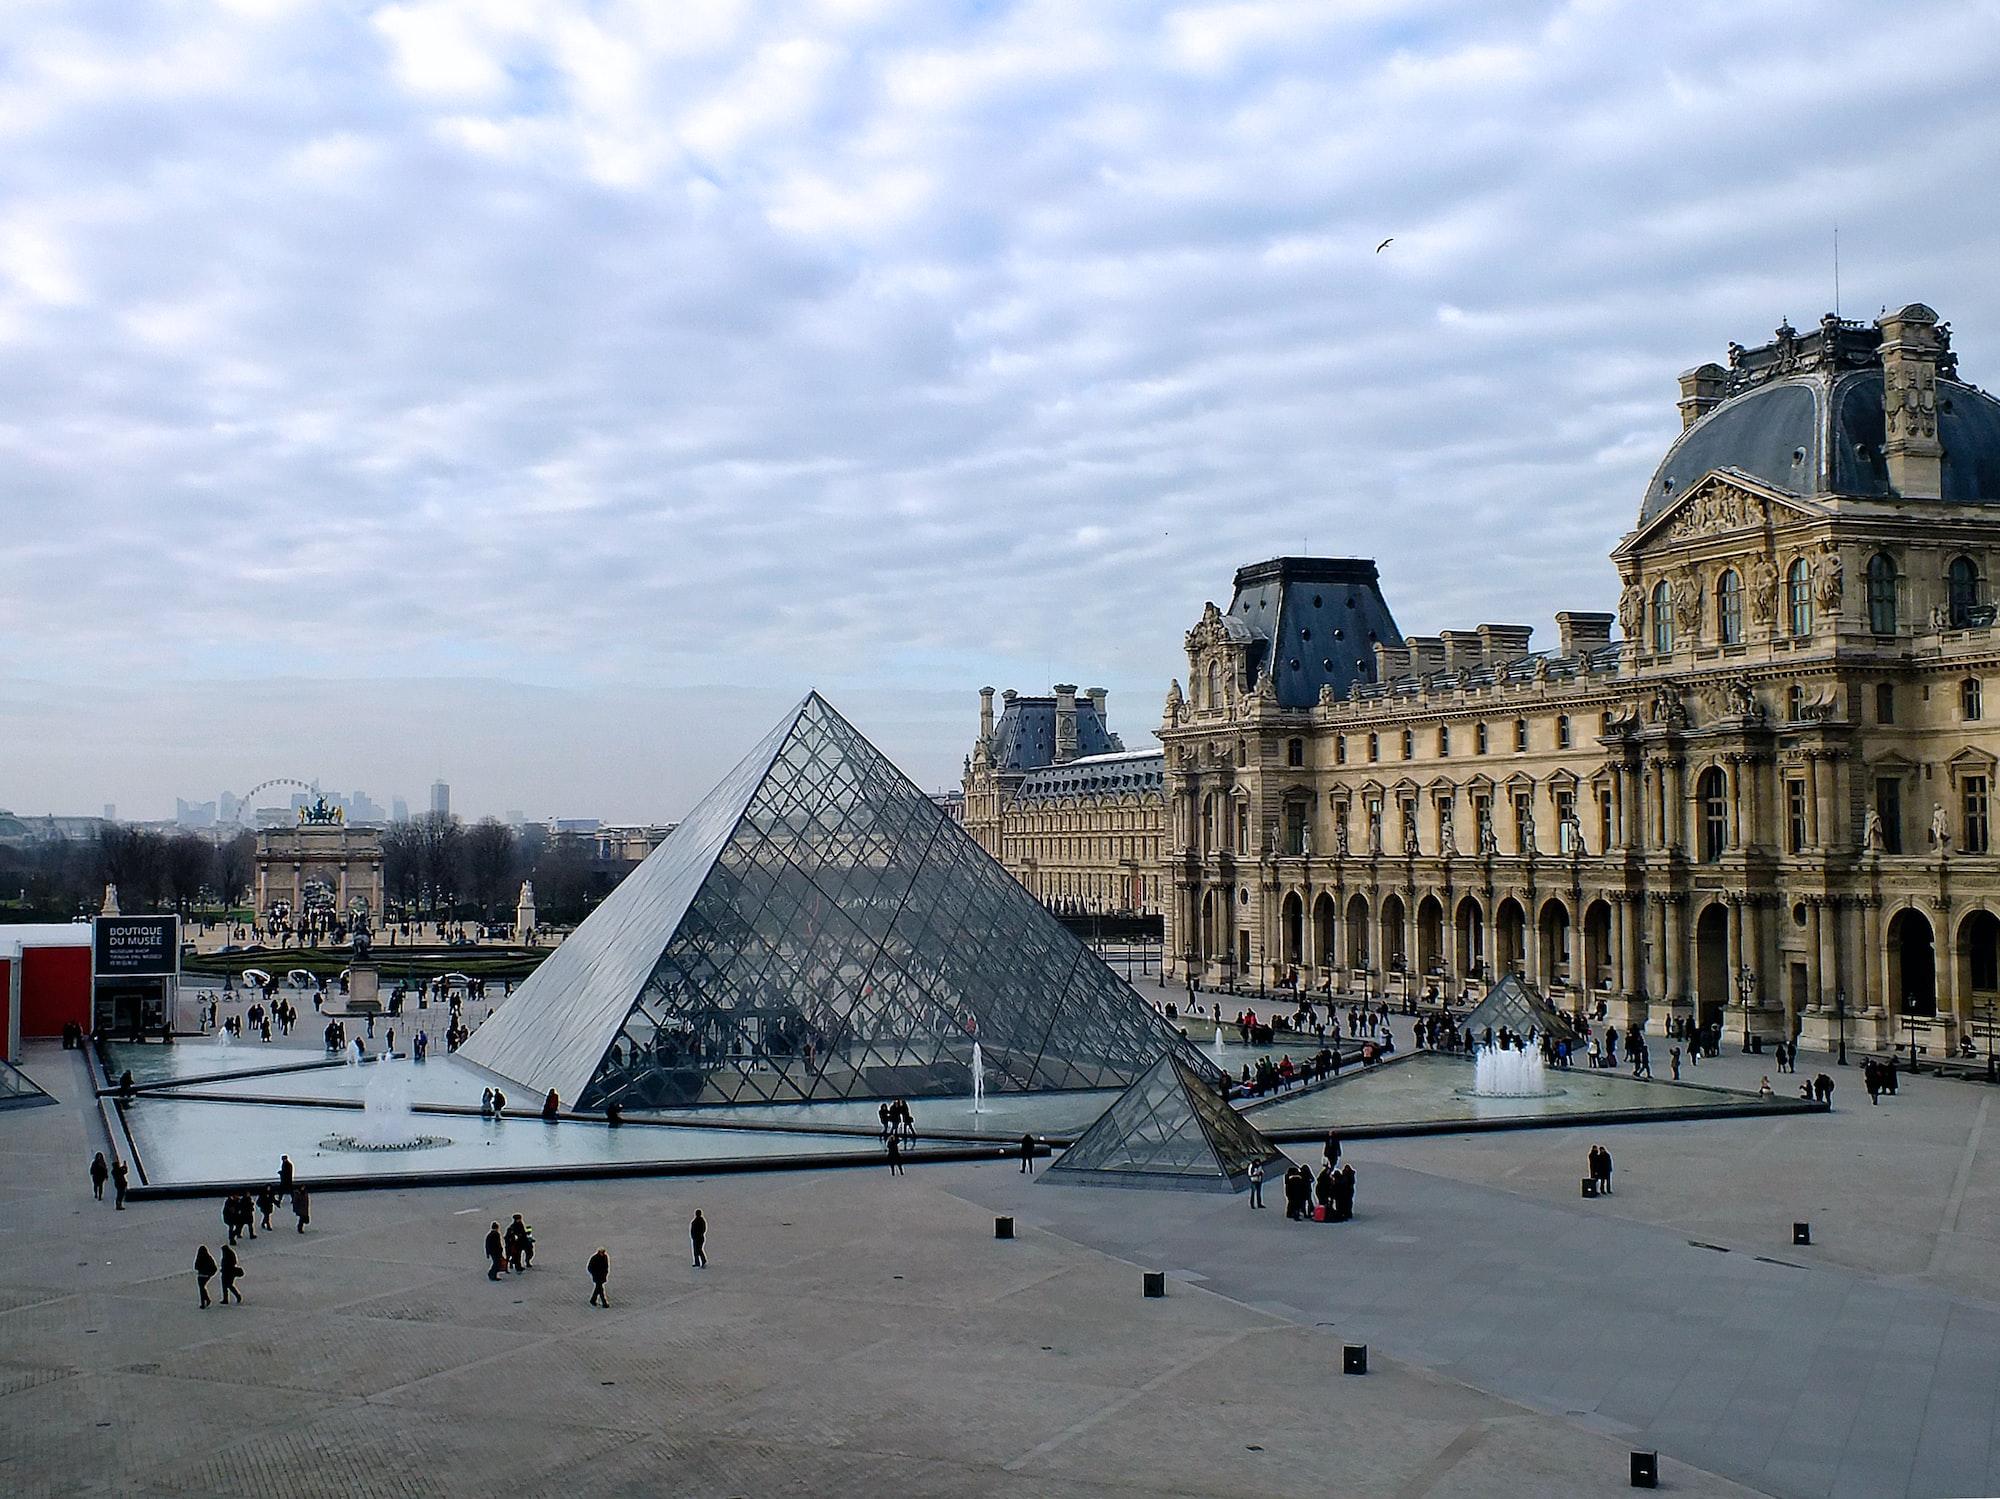 El Louvre Pone a Disposición Toda su Colección en Línea 🖼